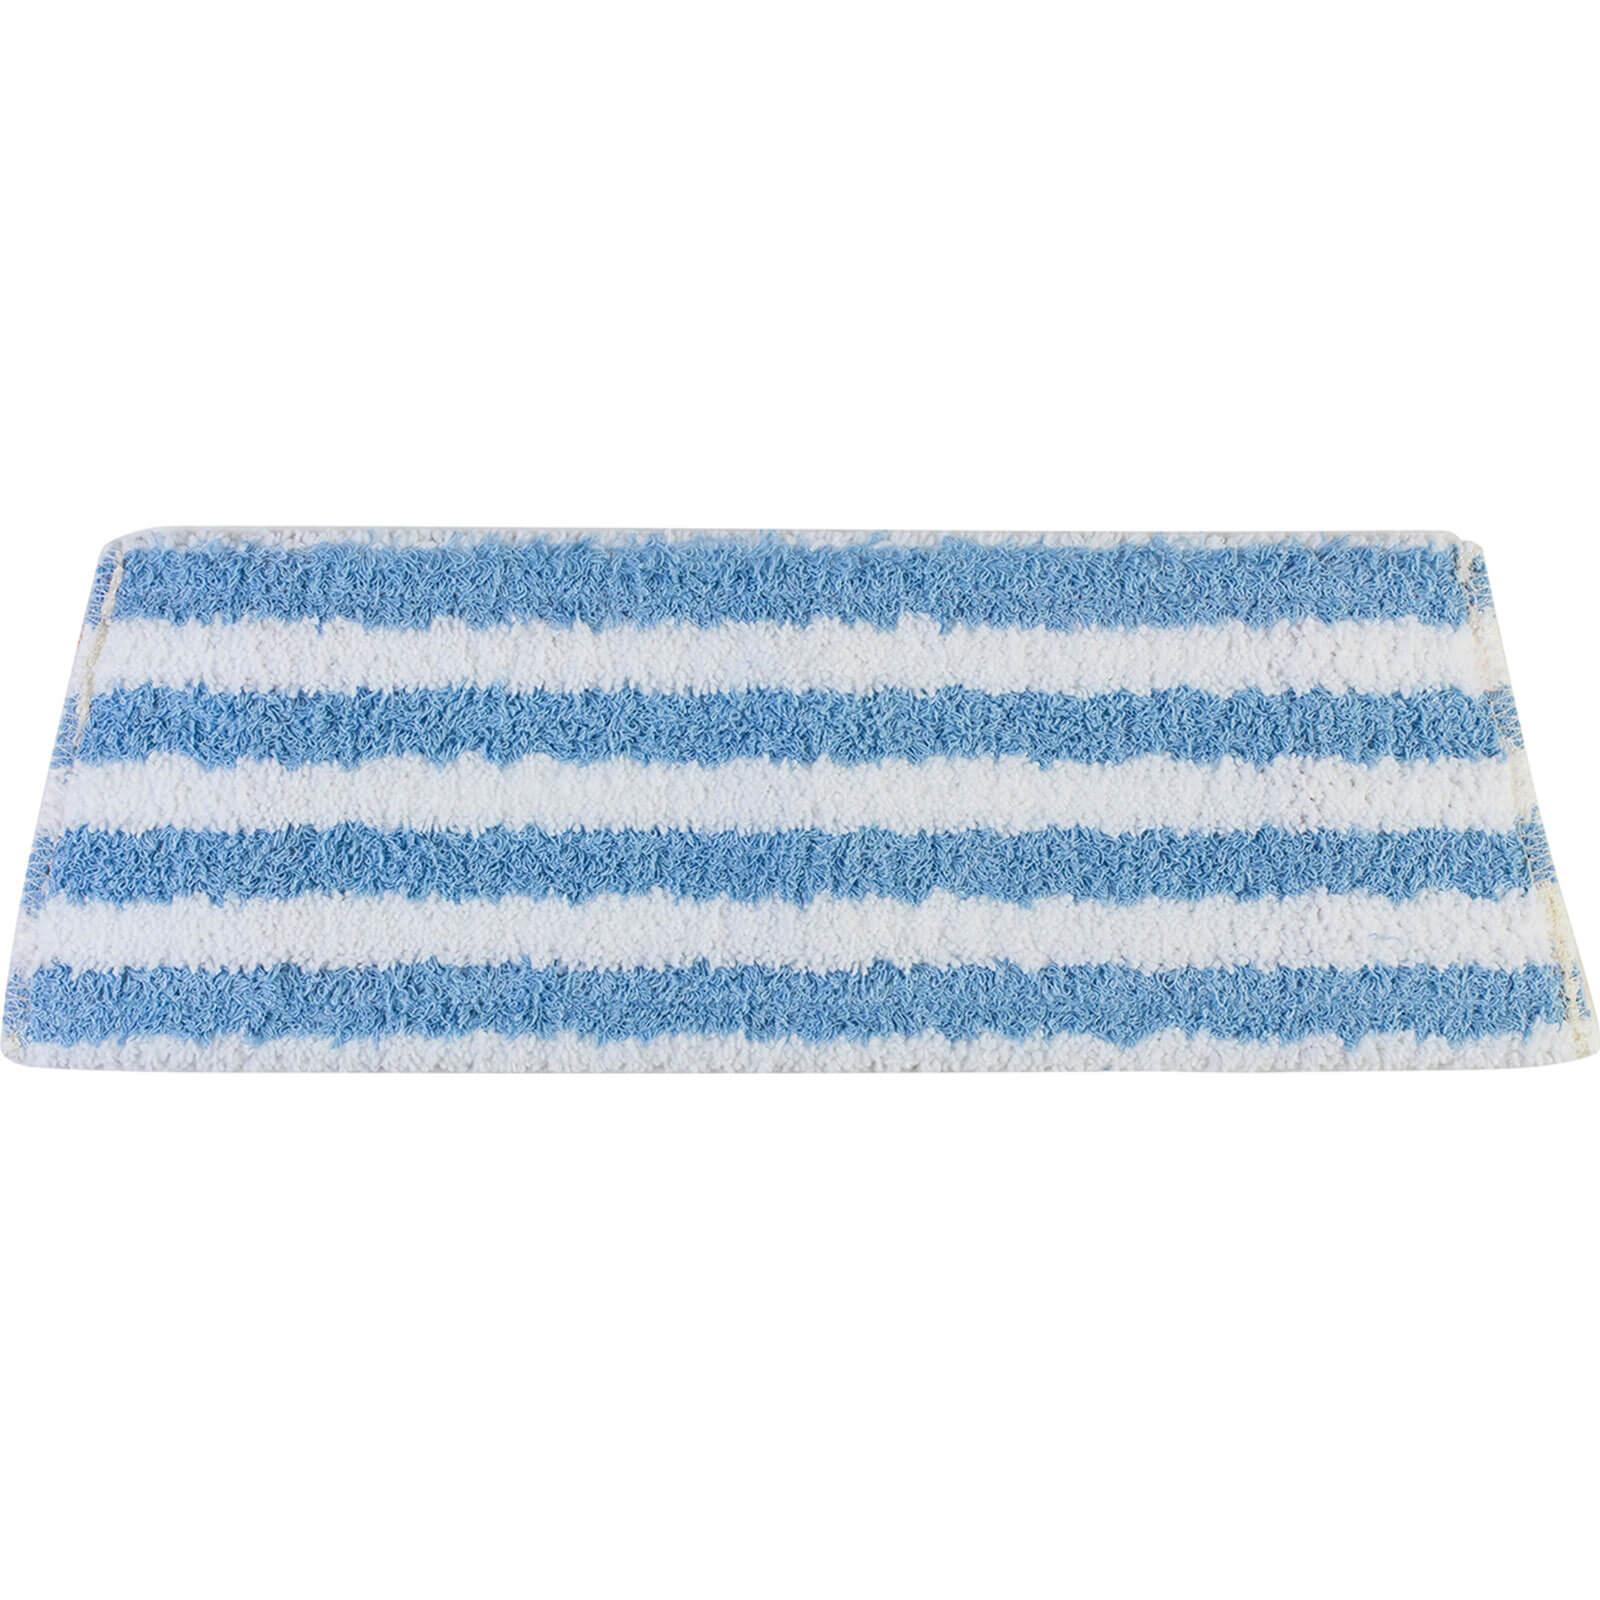 Image of Vileda Active Max Mop Cotton & Microfibre Refill Pad